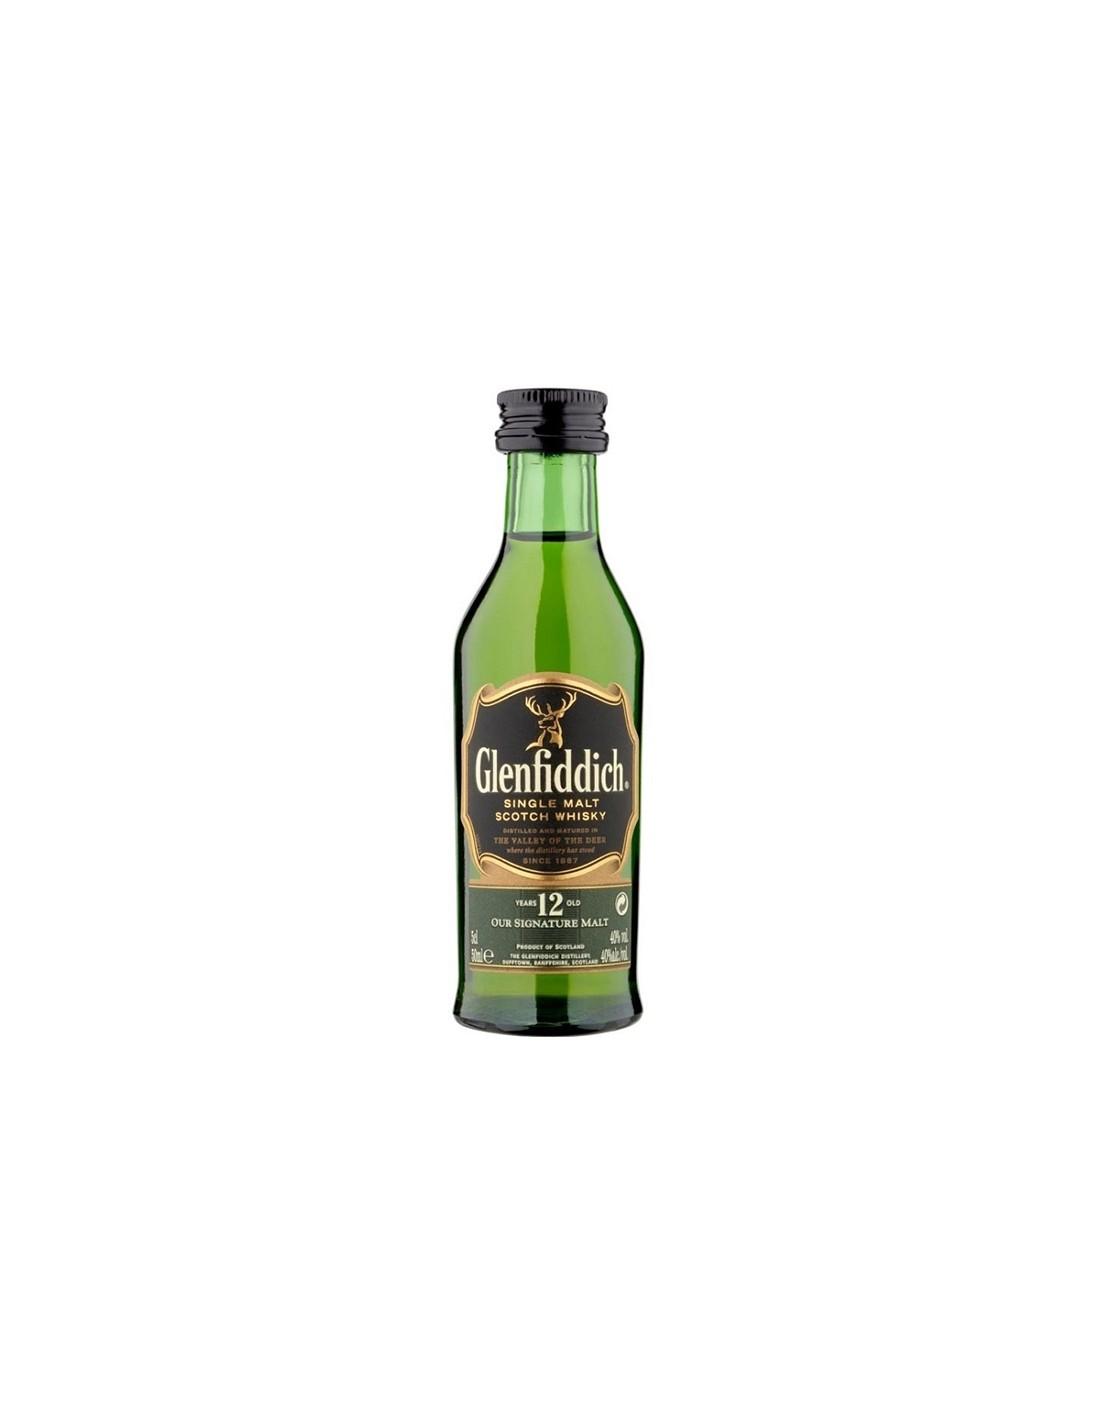 Whisky Glenfiddich, 12 ani, 40% alc., 0.05L, Scotia